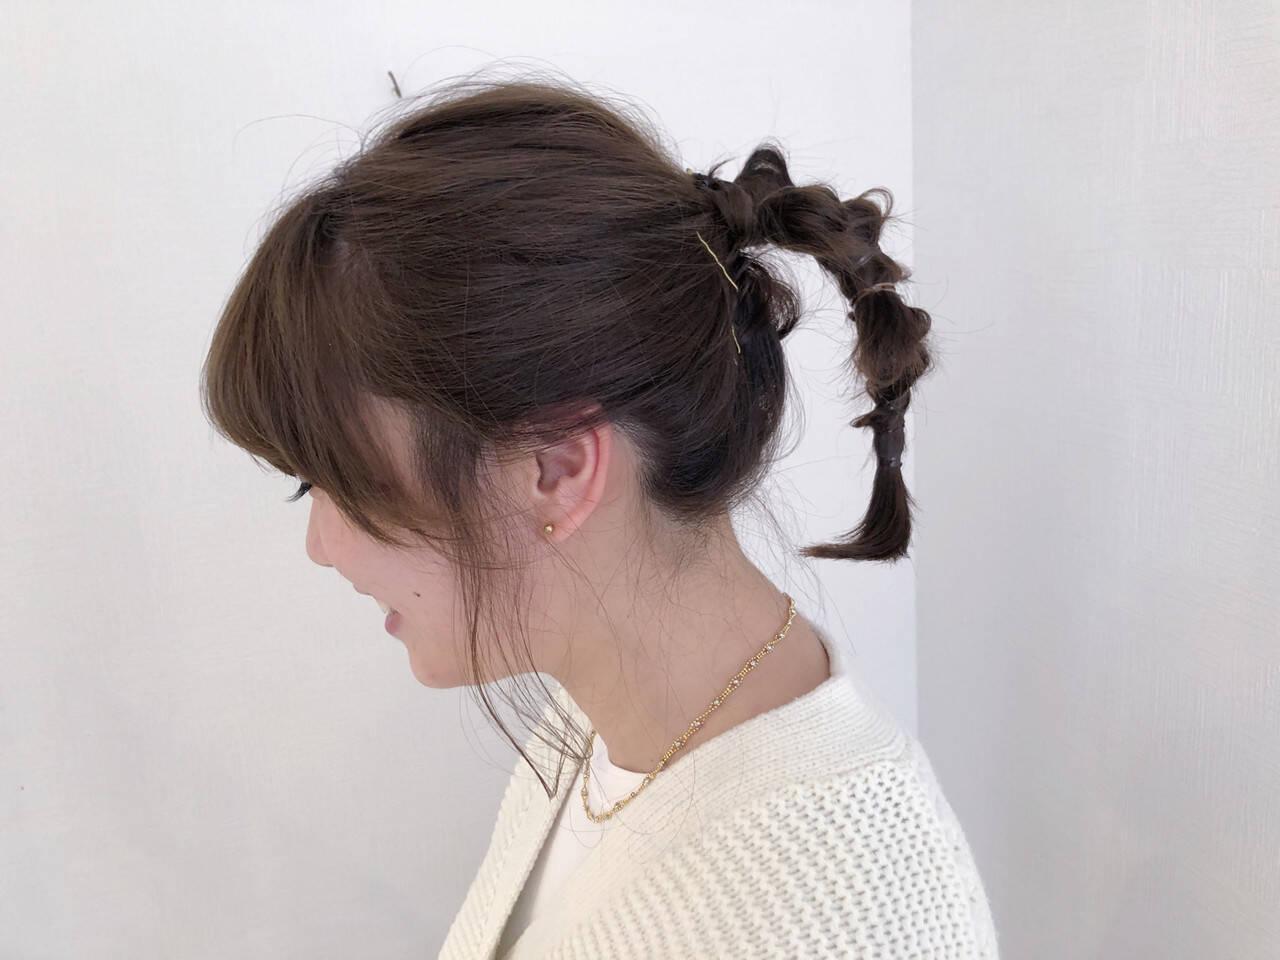 シアーベージュ カーキアッシュ ミディアム ヘアアレンジヘアスタイルや髪型の写真・画像